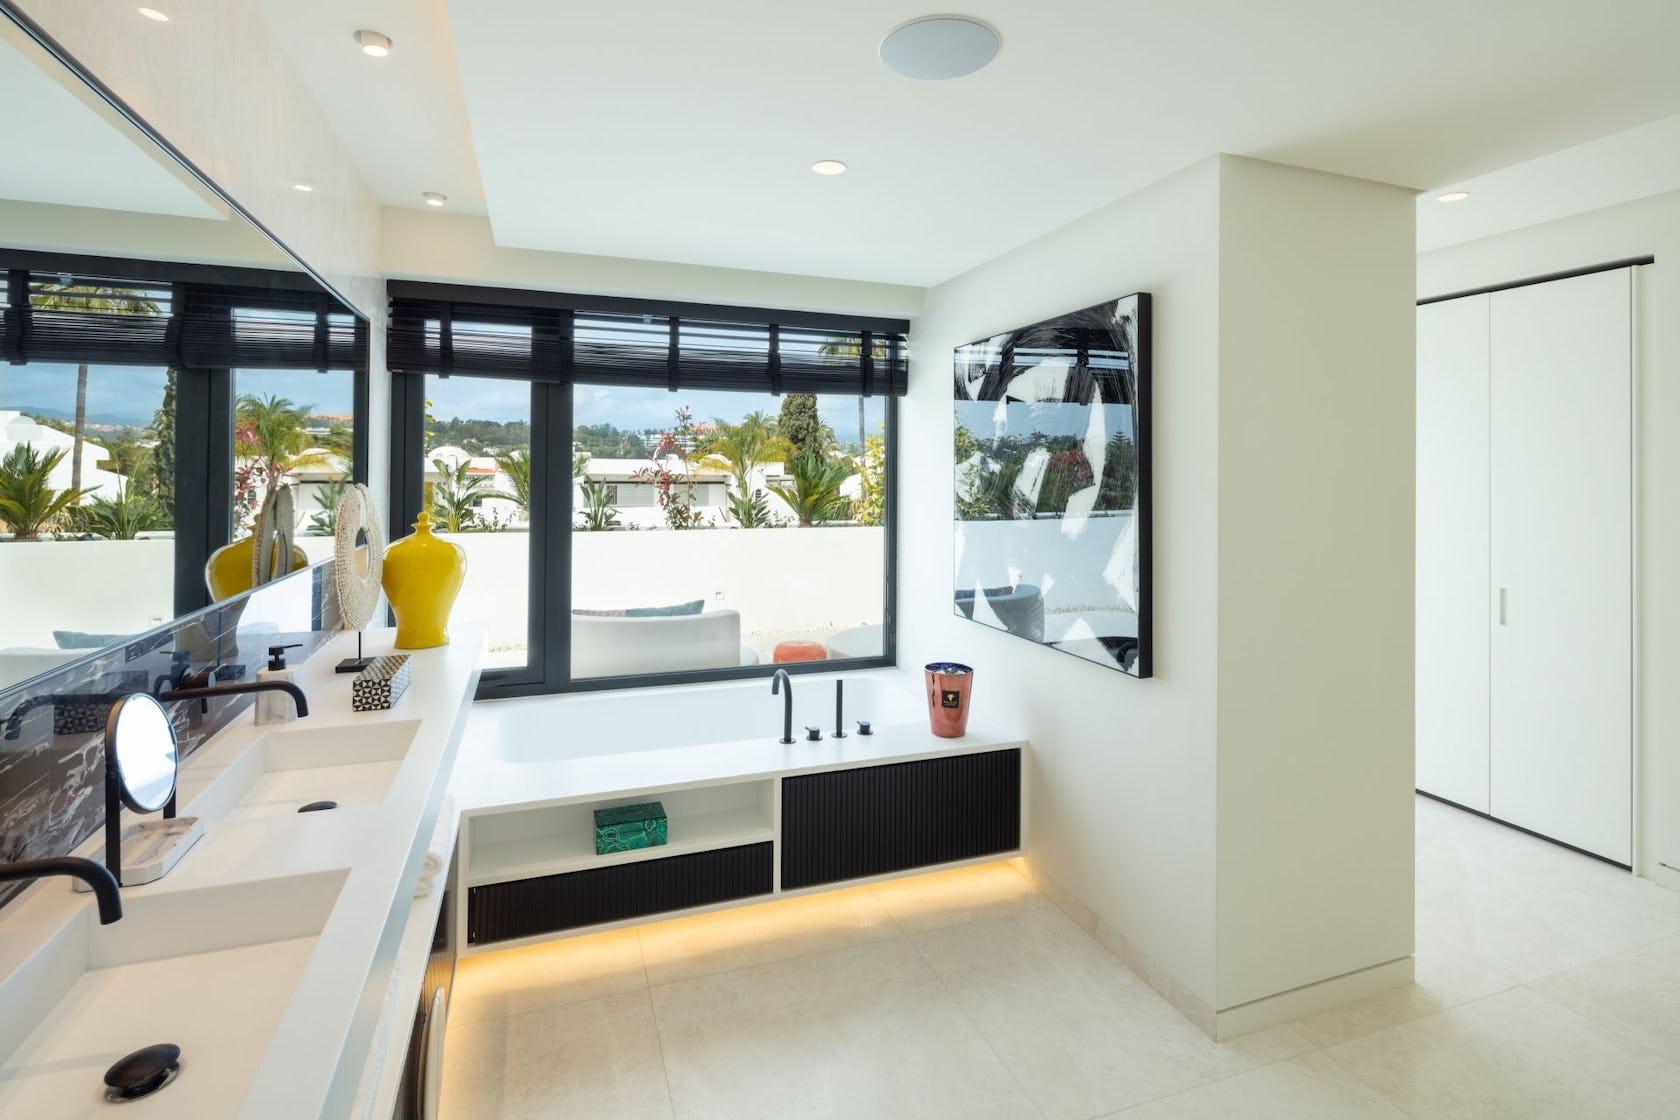 furniture interior design indoors room